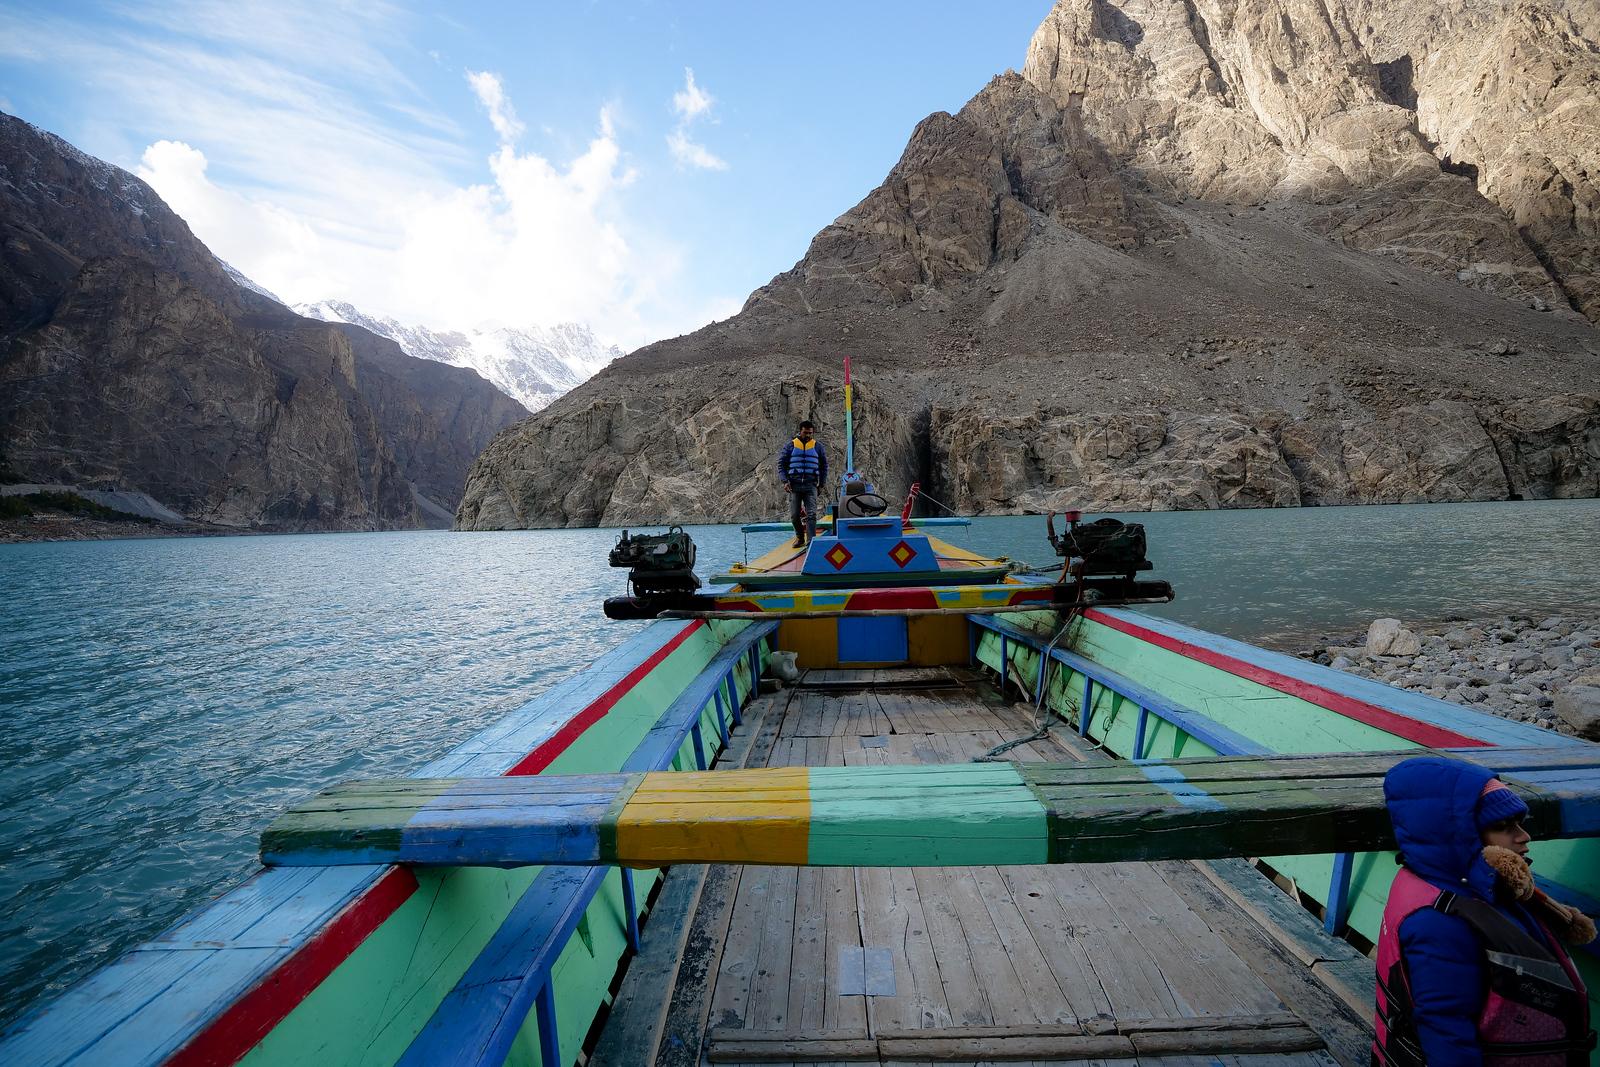 Attabad湖吉尔吉特 - 巴尔蒂斯坦